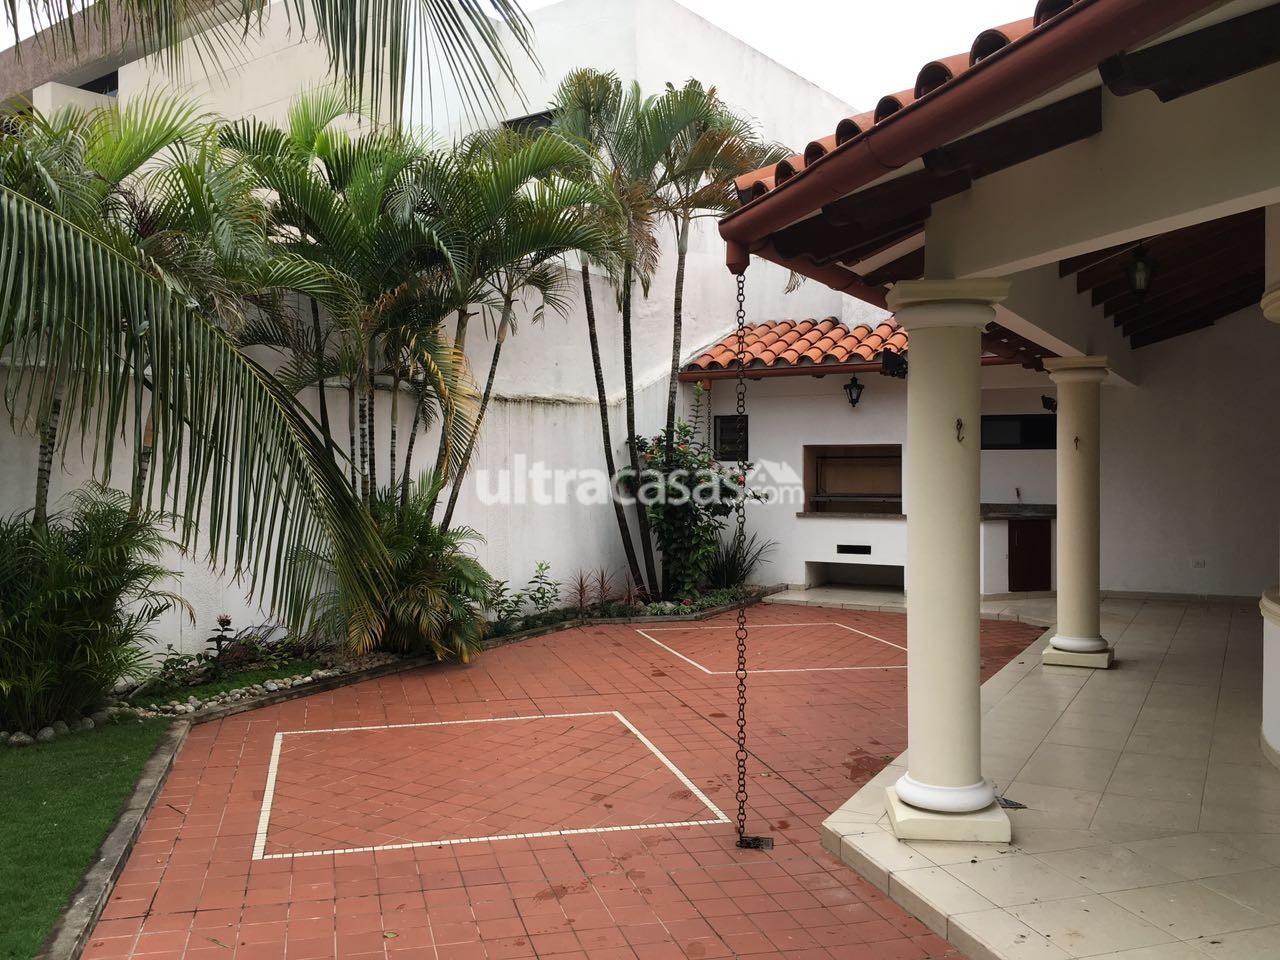 Casa en alquiler en condominio ciudad jardin for Casas en ciudad jardin